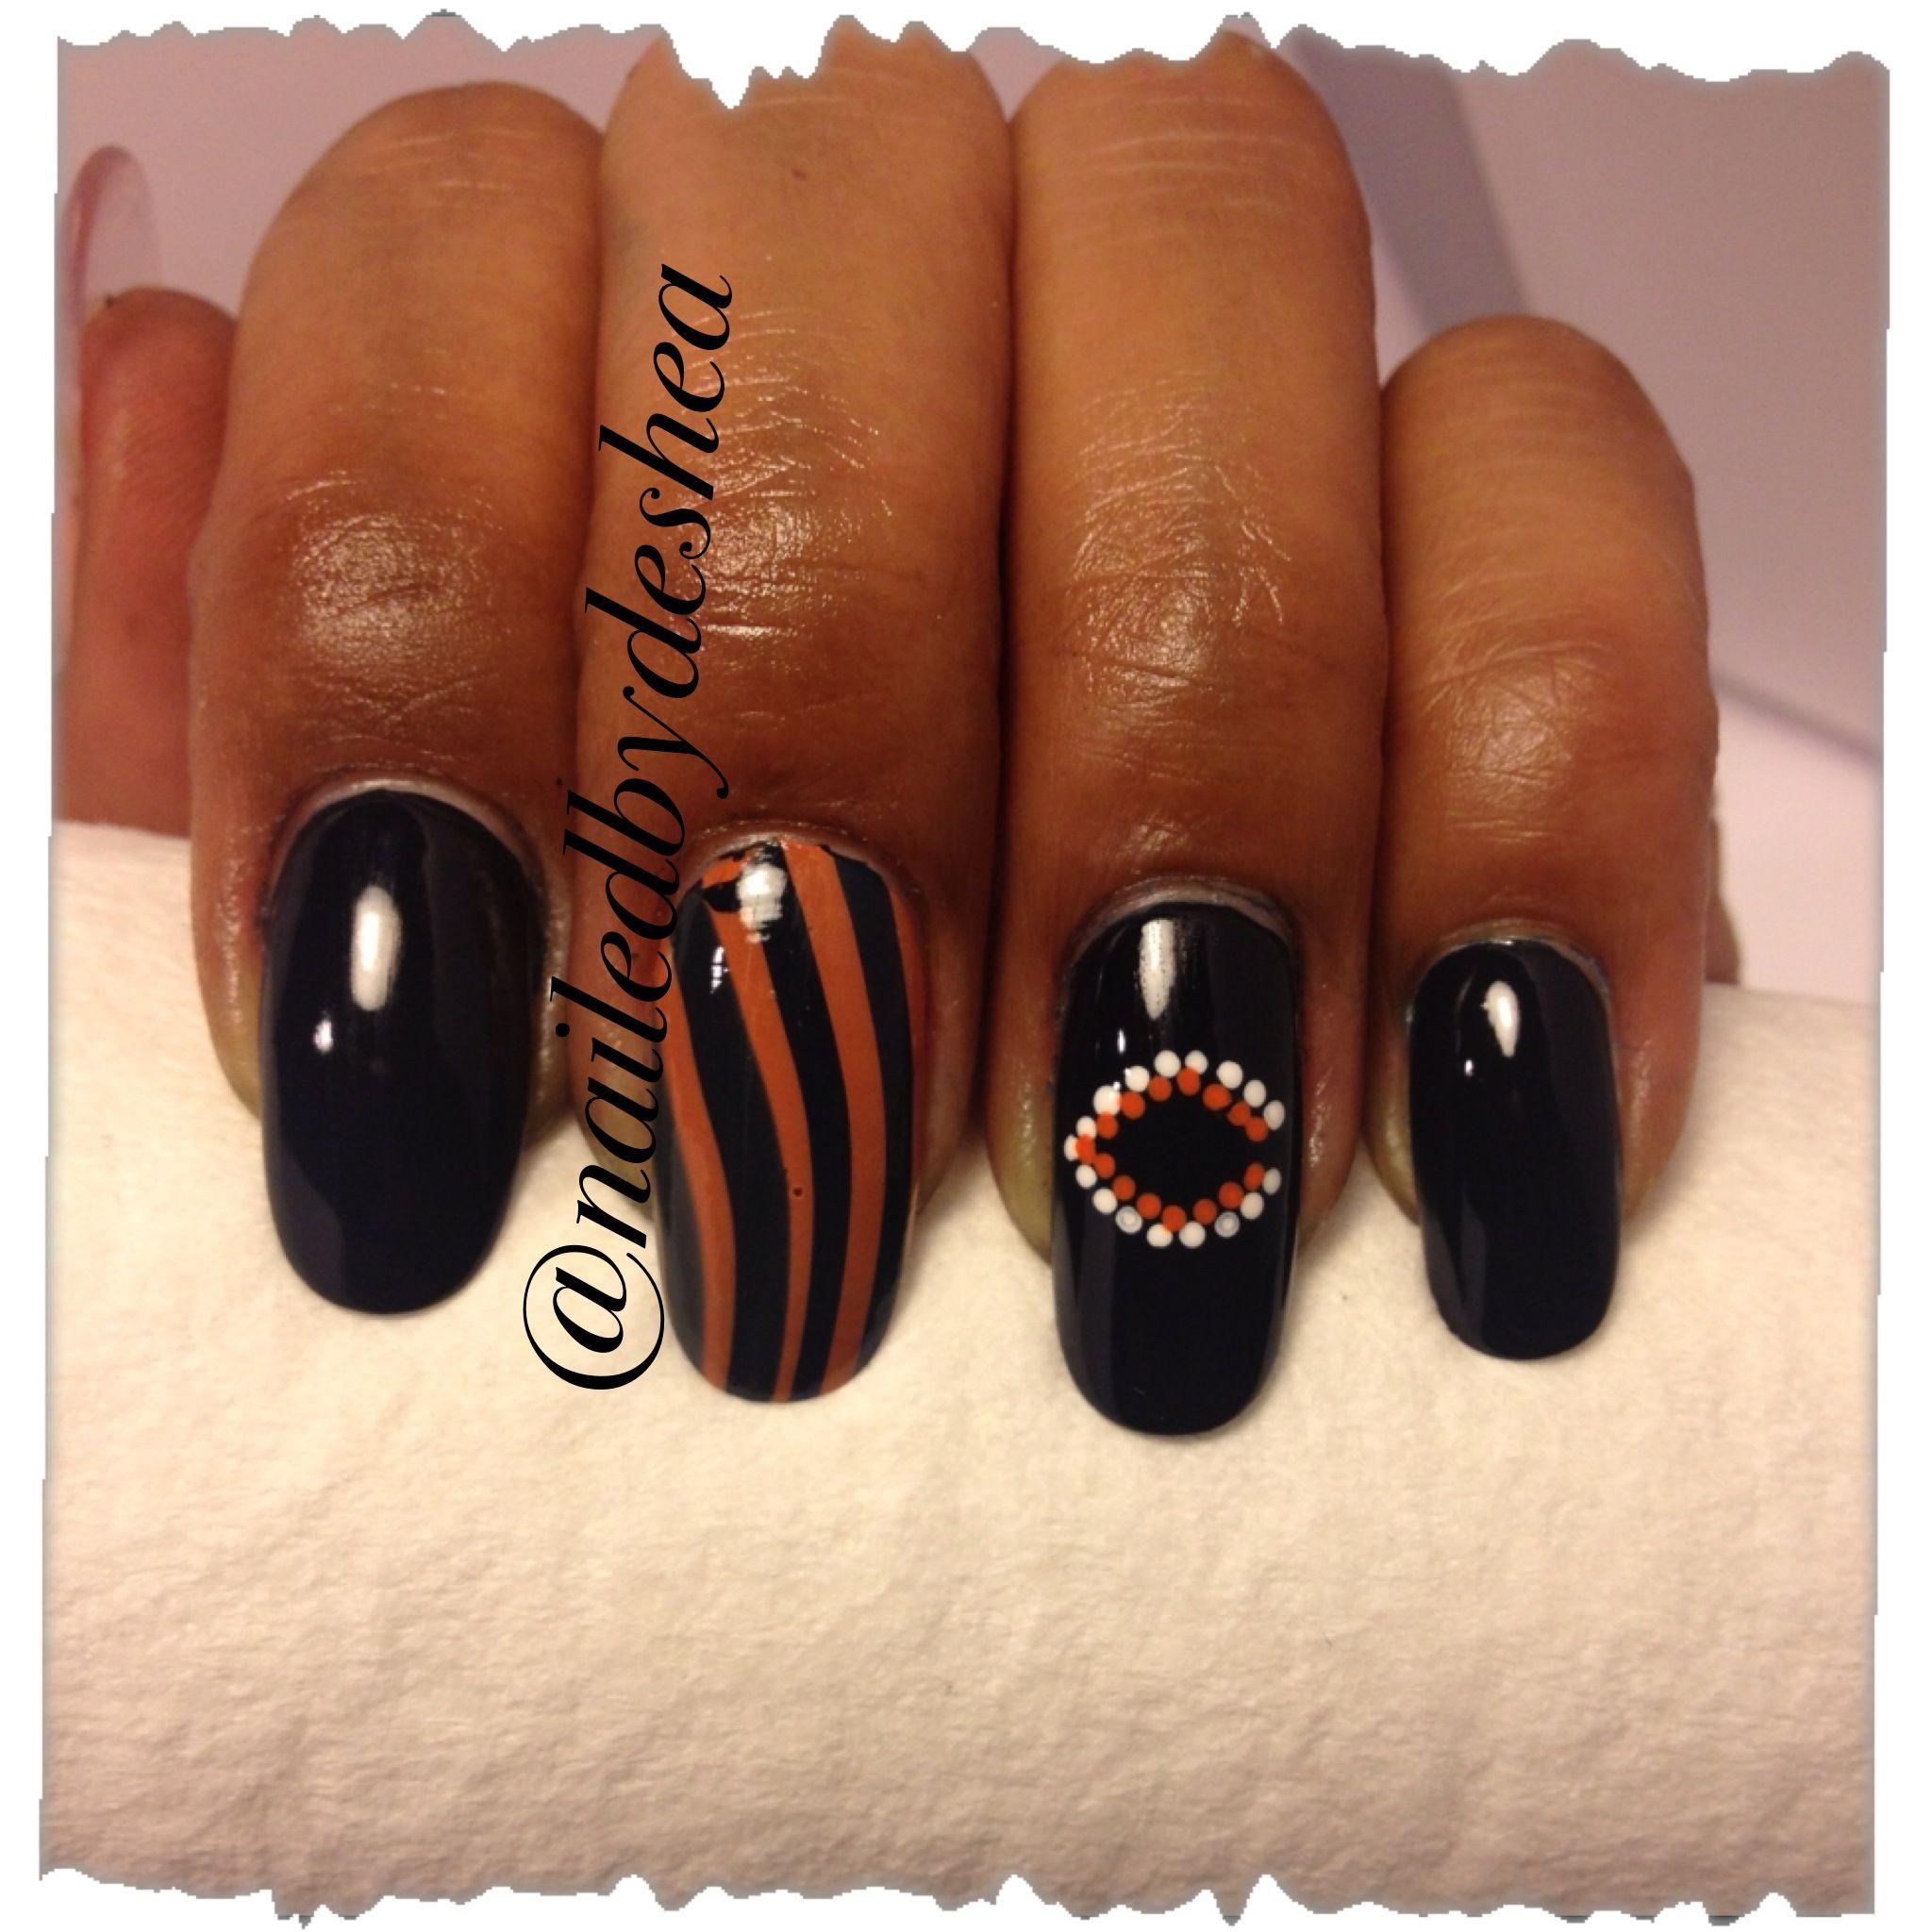 Chicago Bears Nailart Watermarble Sports Nails Nail Art And